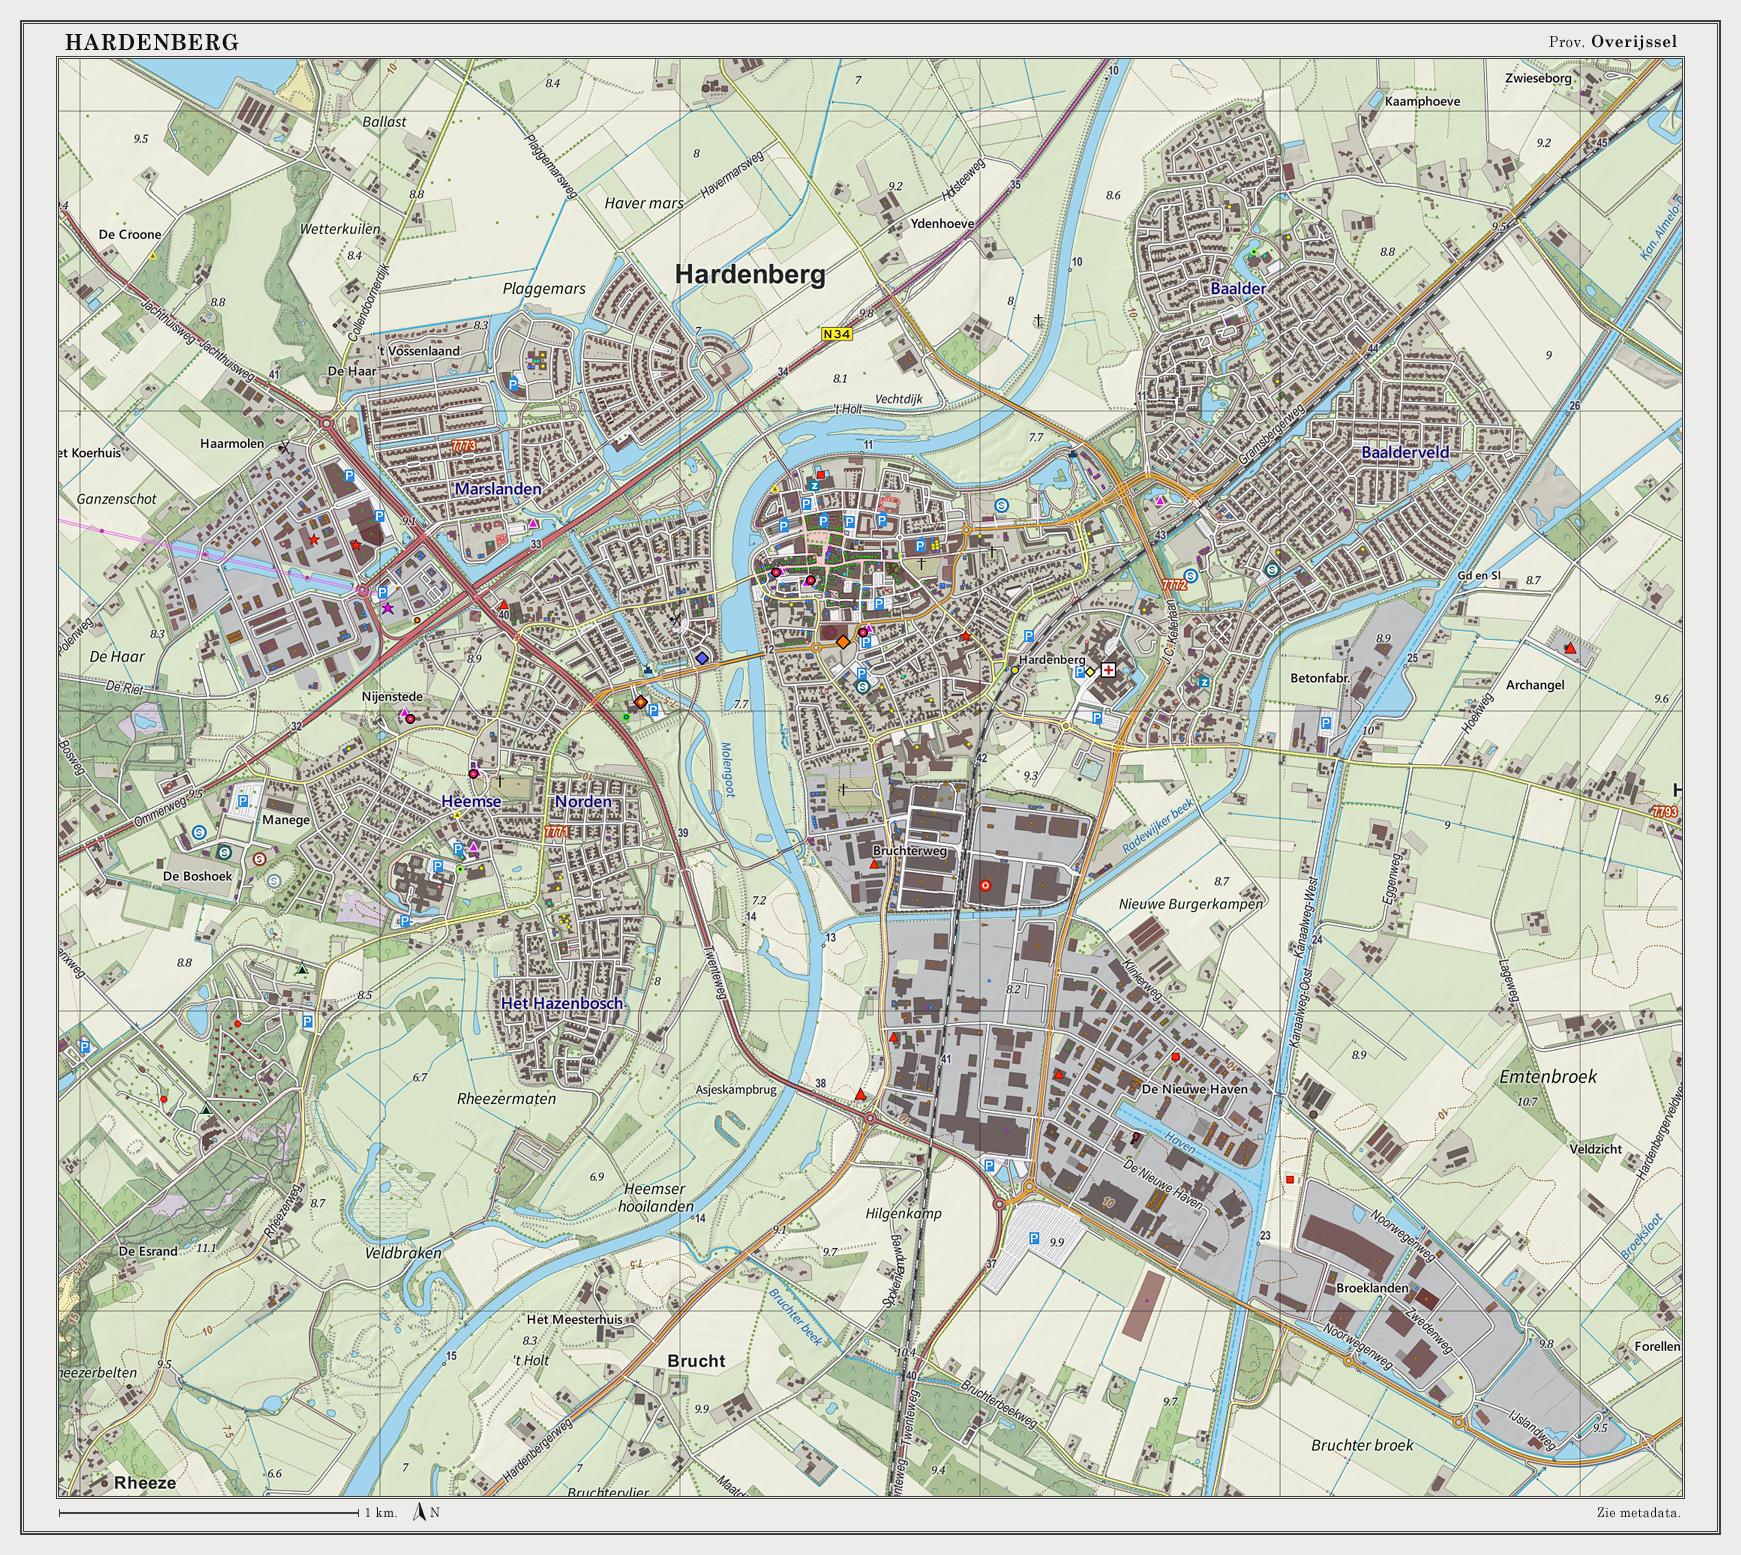 ملف:Hardenberg-plaats-OpenTopo.jpg - ويكيبيديا